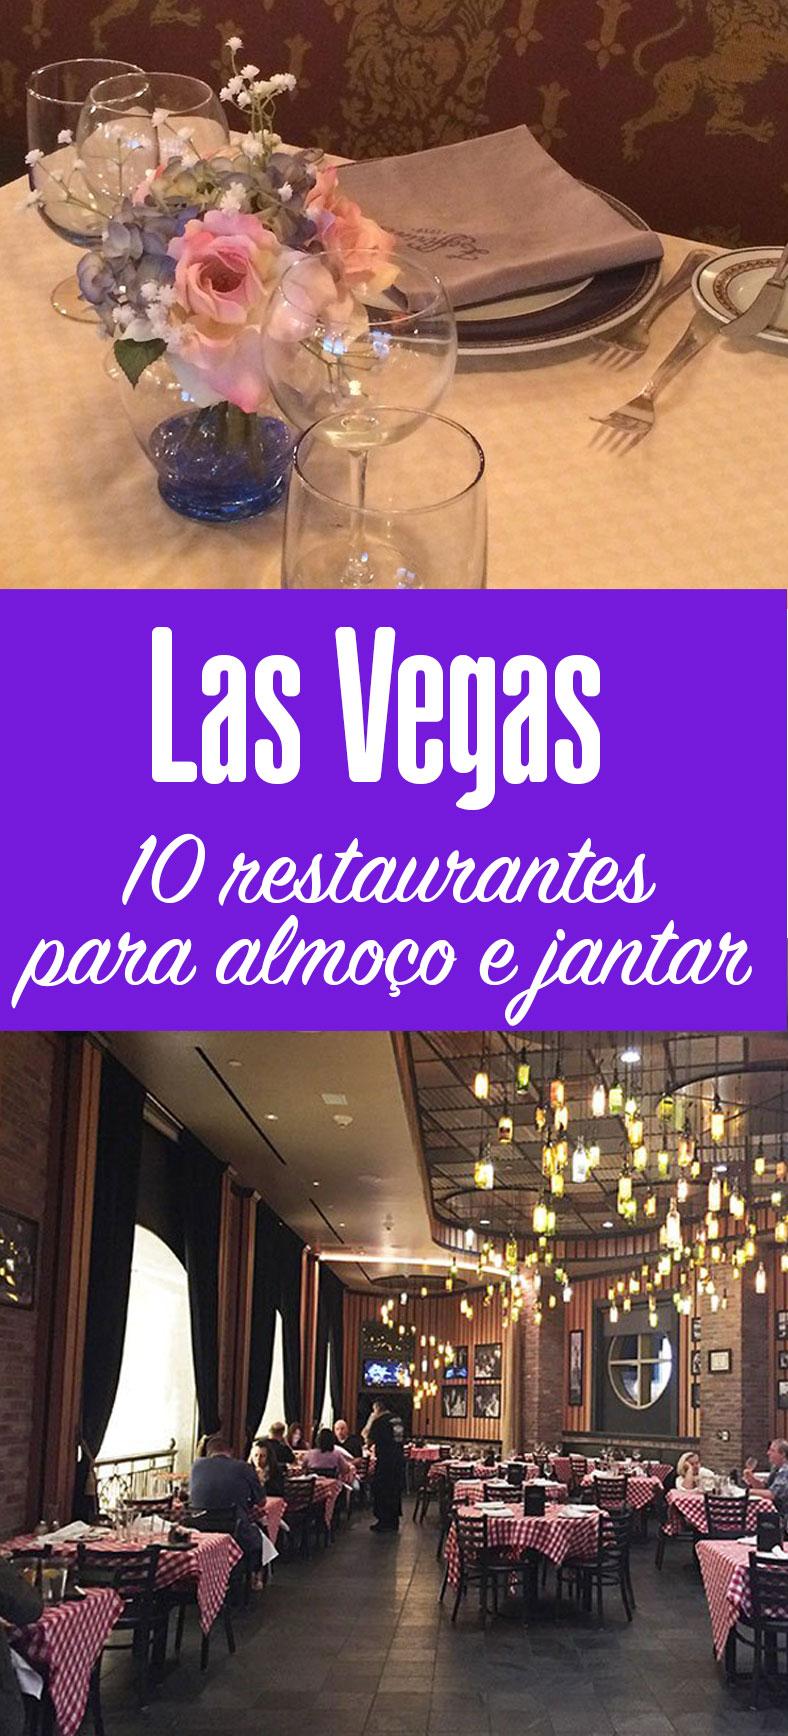 Lista com 10 restaurantes em Las Vegas para almoço e jantar